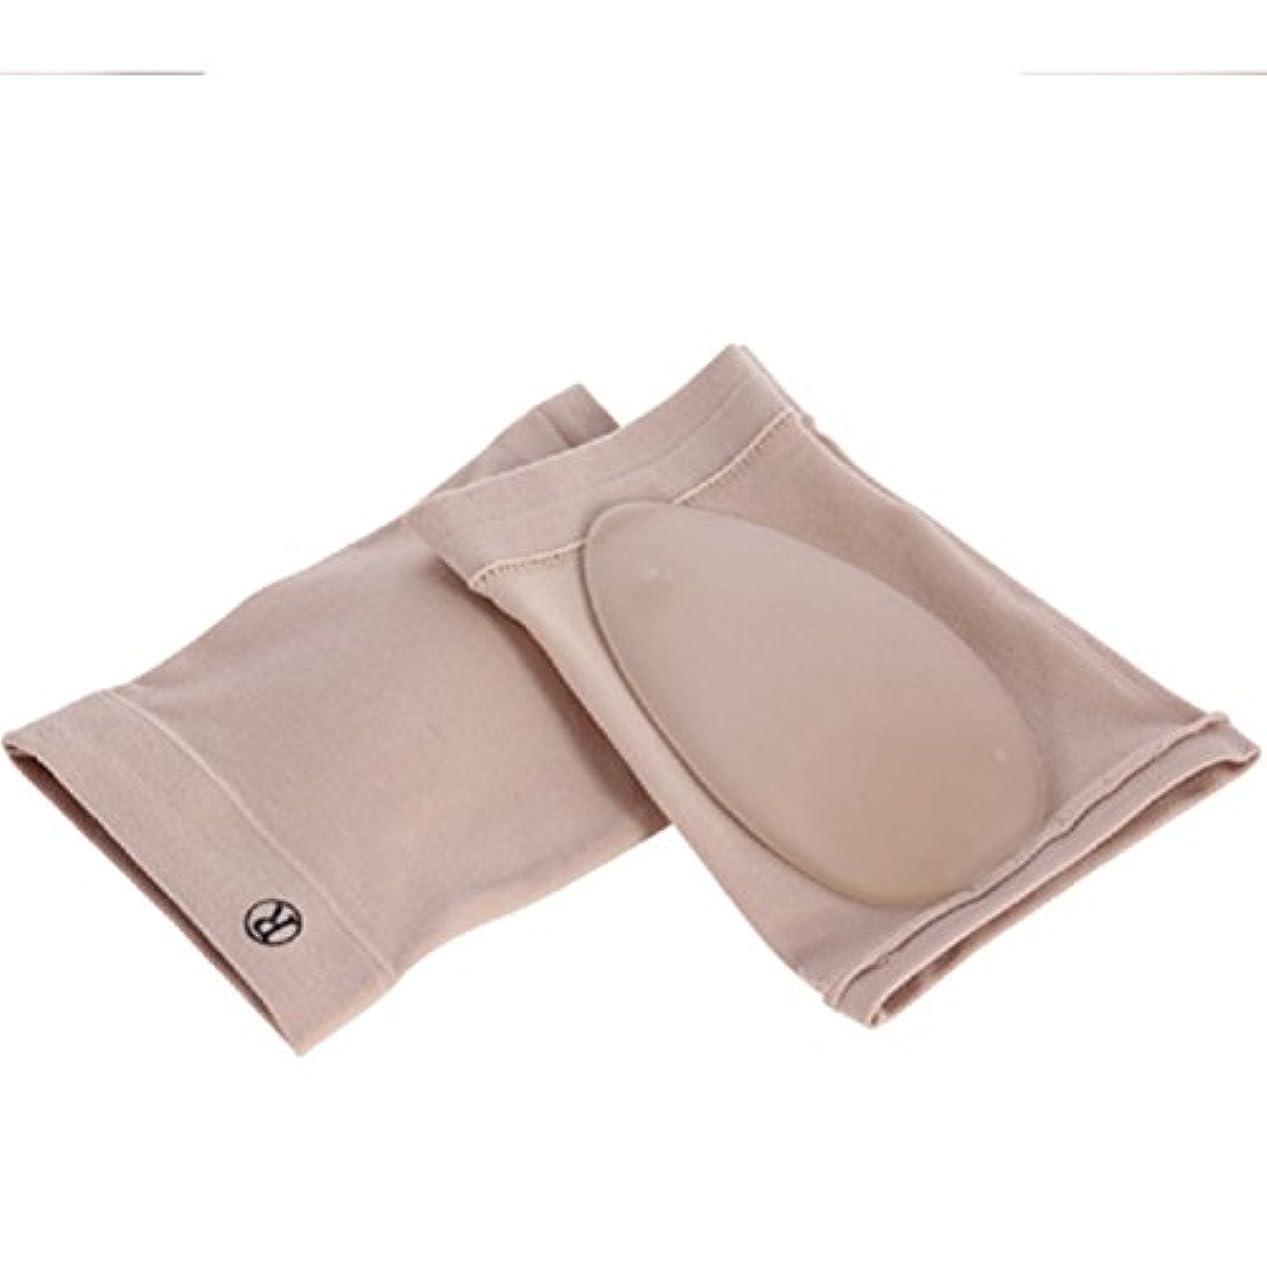 ハウジングシャープサルベージHEALILYアーチサポートスリーブシリコンフットコンプレッションラップフットサポートソックス足底筋膜炎用男性女性